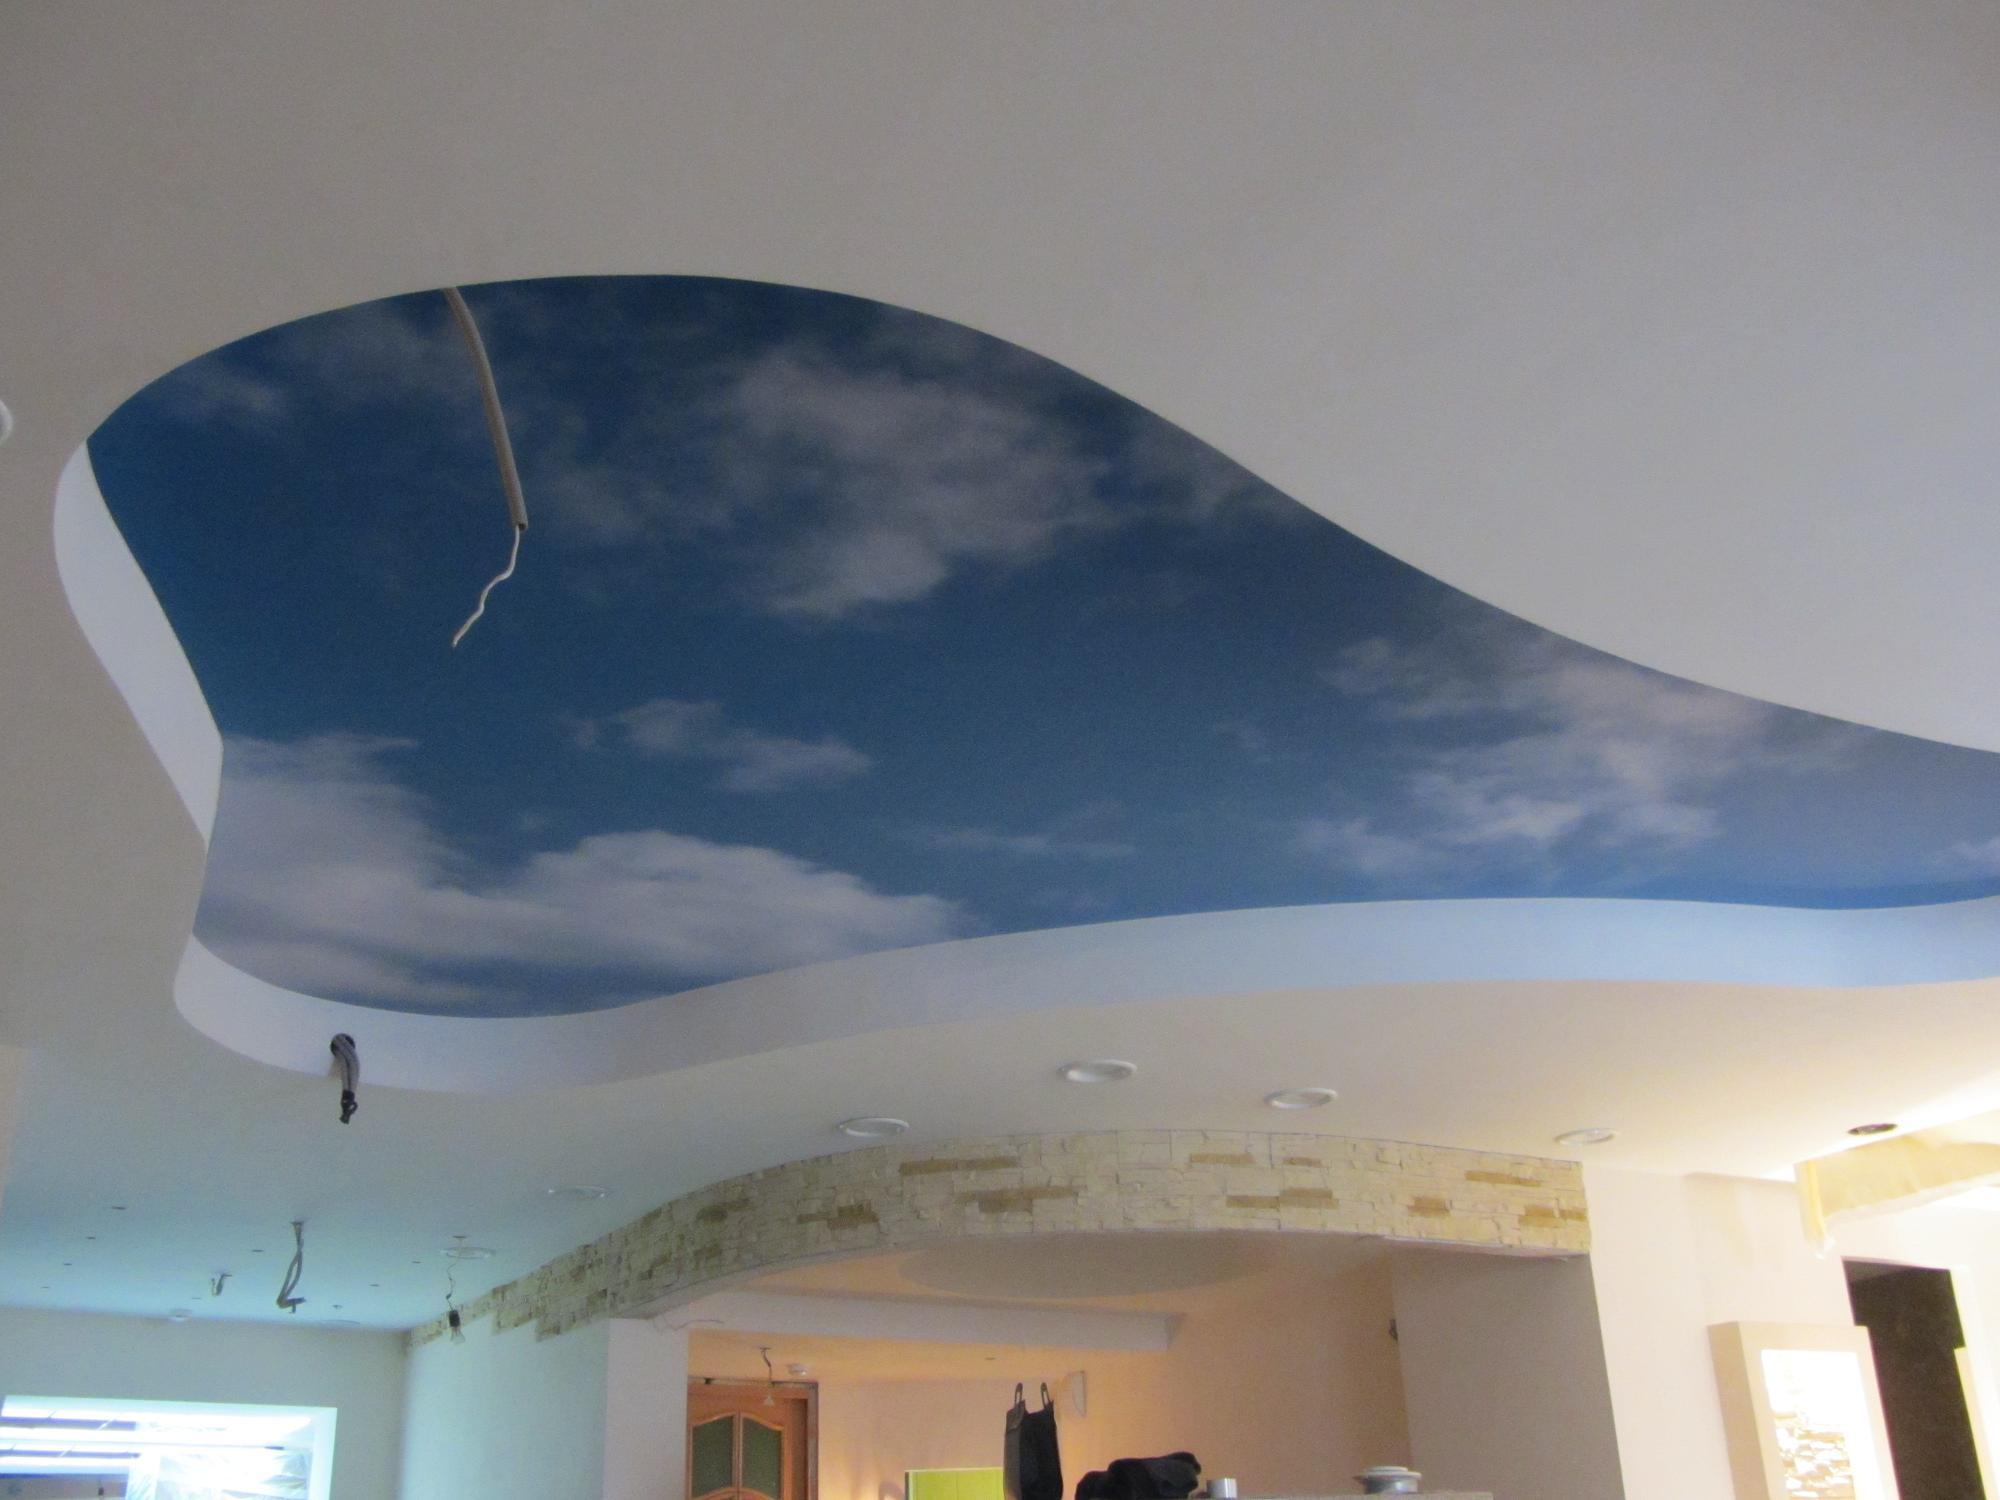 ассоциируют ломаные потолки на картинках фотографиях севера так